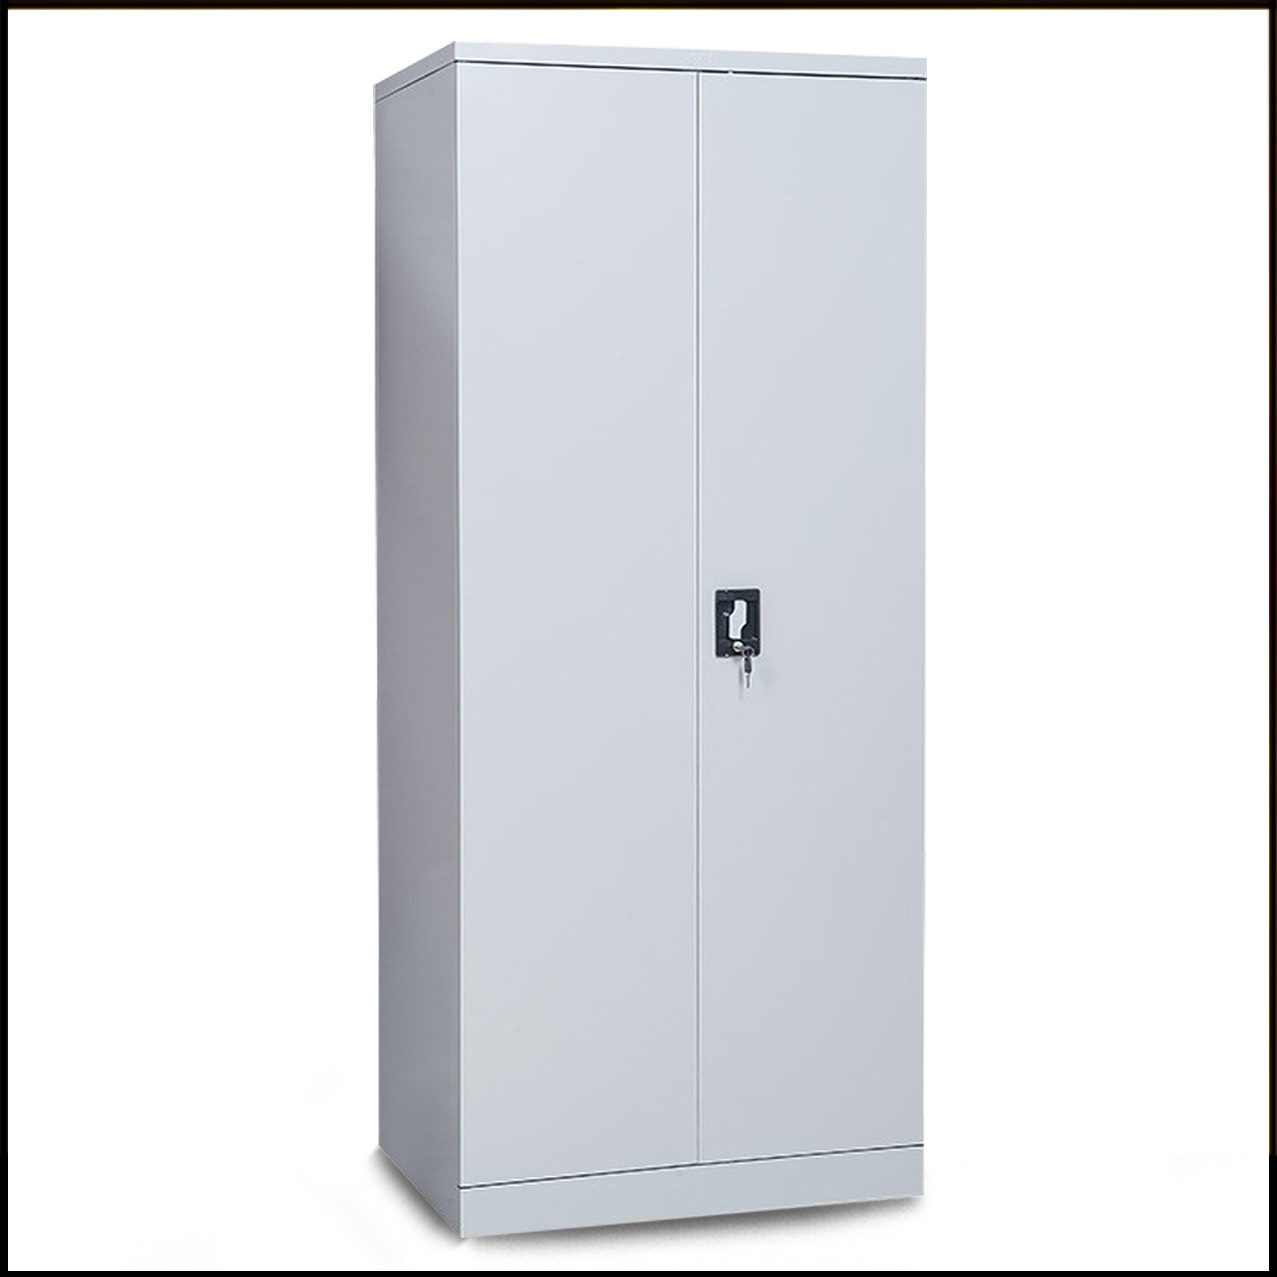 Tủ khung thép sơn tĩnh điện BEMC - TU16 chính hãng